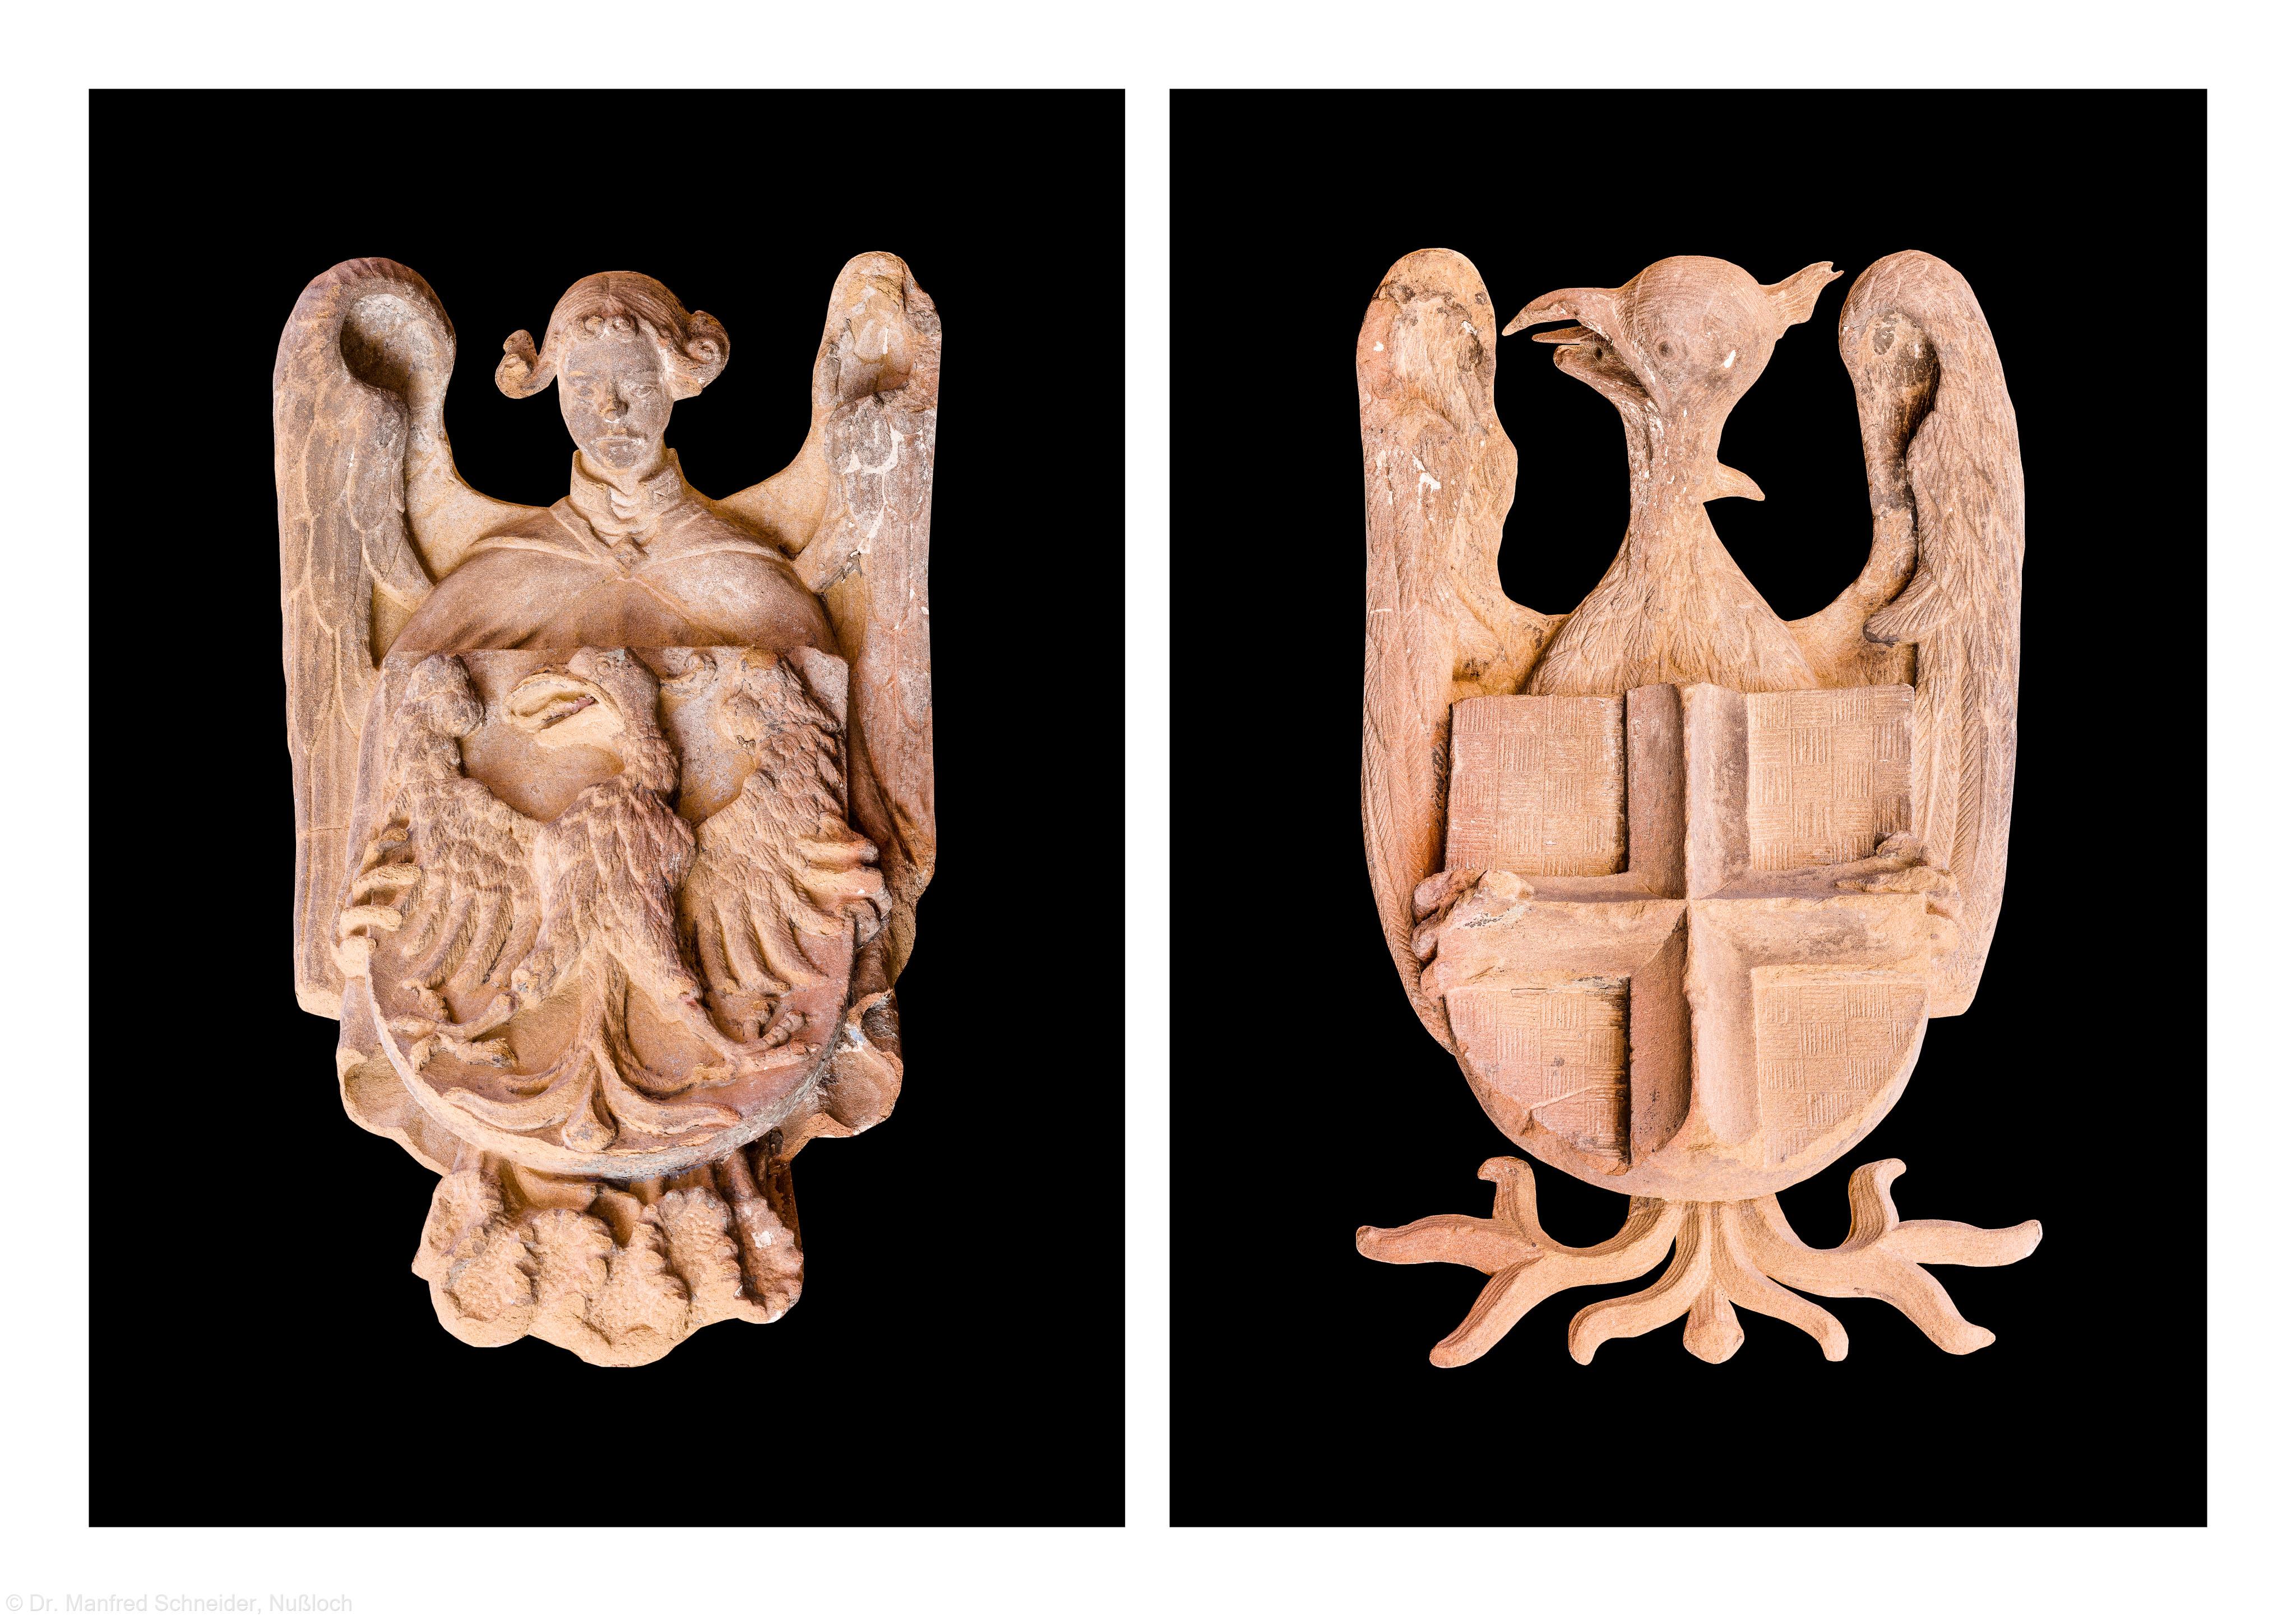 """Heidelberg - Heiliggeistkirche - West-/Hauptportal - Wappen """"Adler, getragen von einem Engel"""" und Wappen der Savoyen """"Silbernes Kreuz auf rote Grund"""" links und rechts oben vor der Tür (aufgenommen im August 2013, am Nachmittag)"""